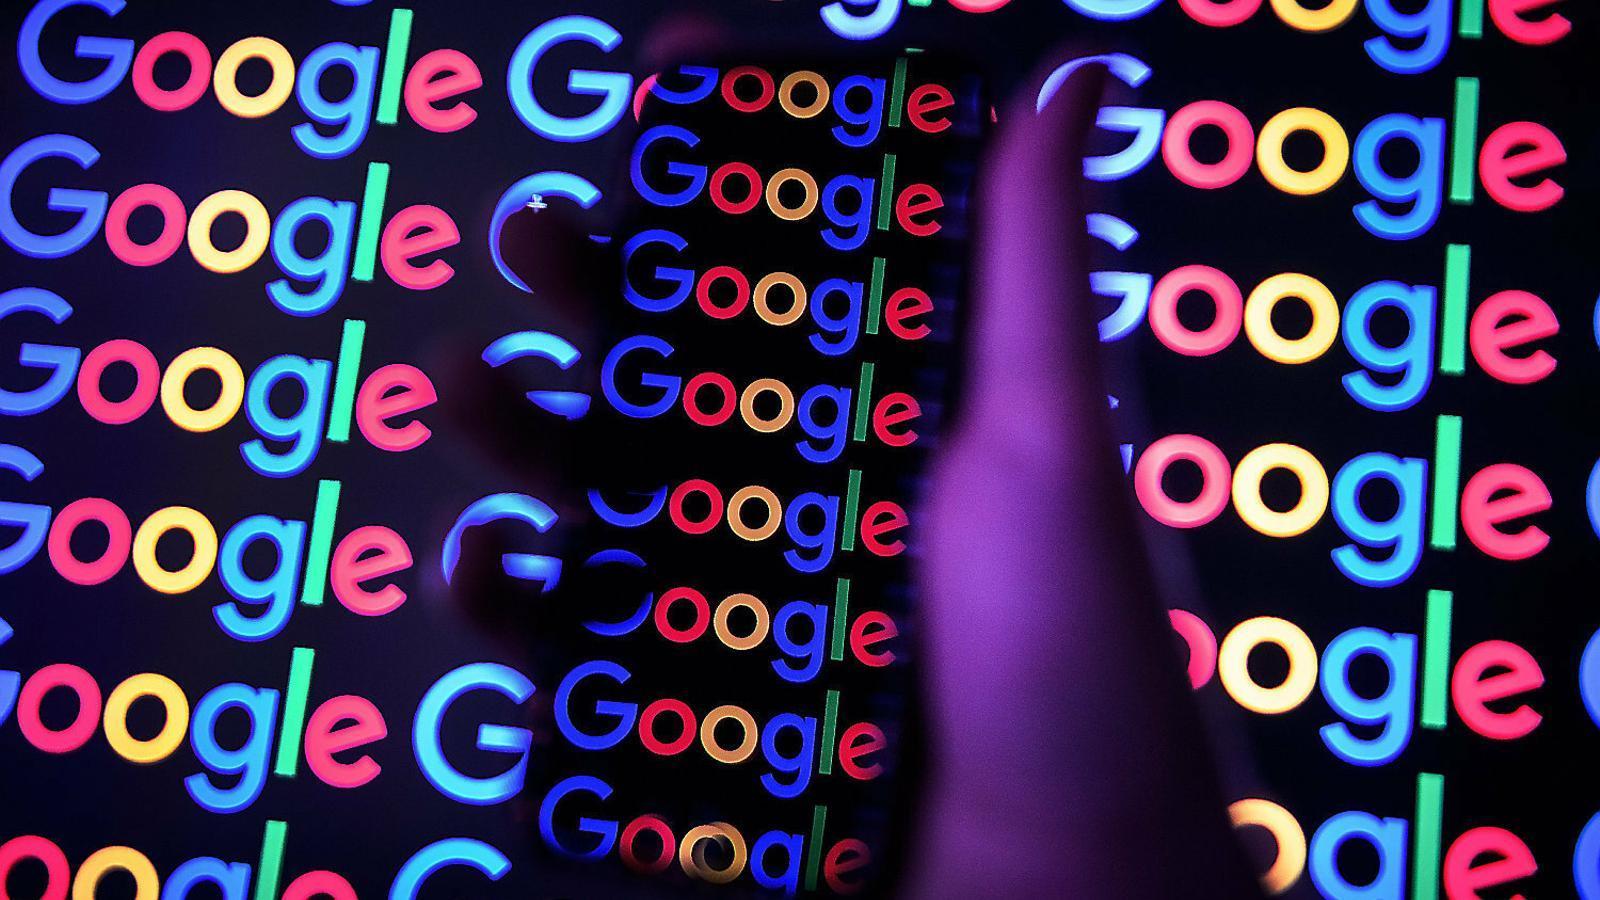 En les pròximes setmanes les aplicacions d'ofimàtica de Google examinaran i corregiran els textos dels usuaris.